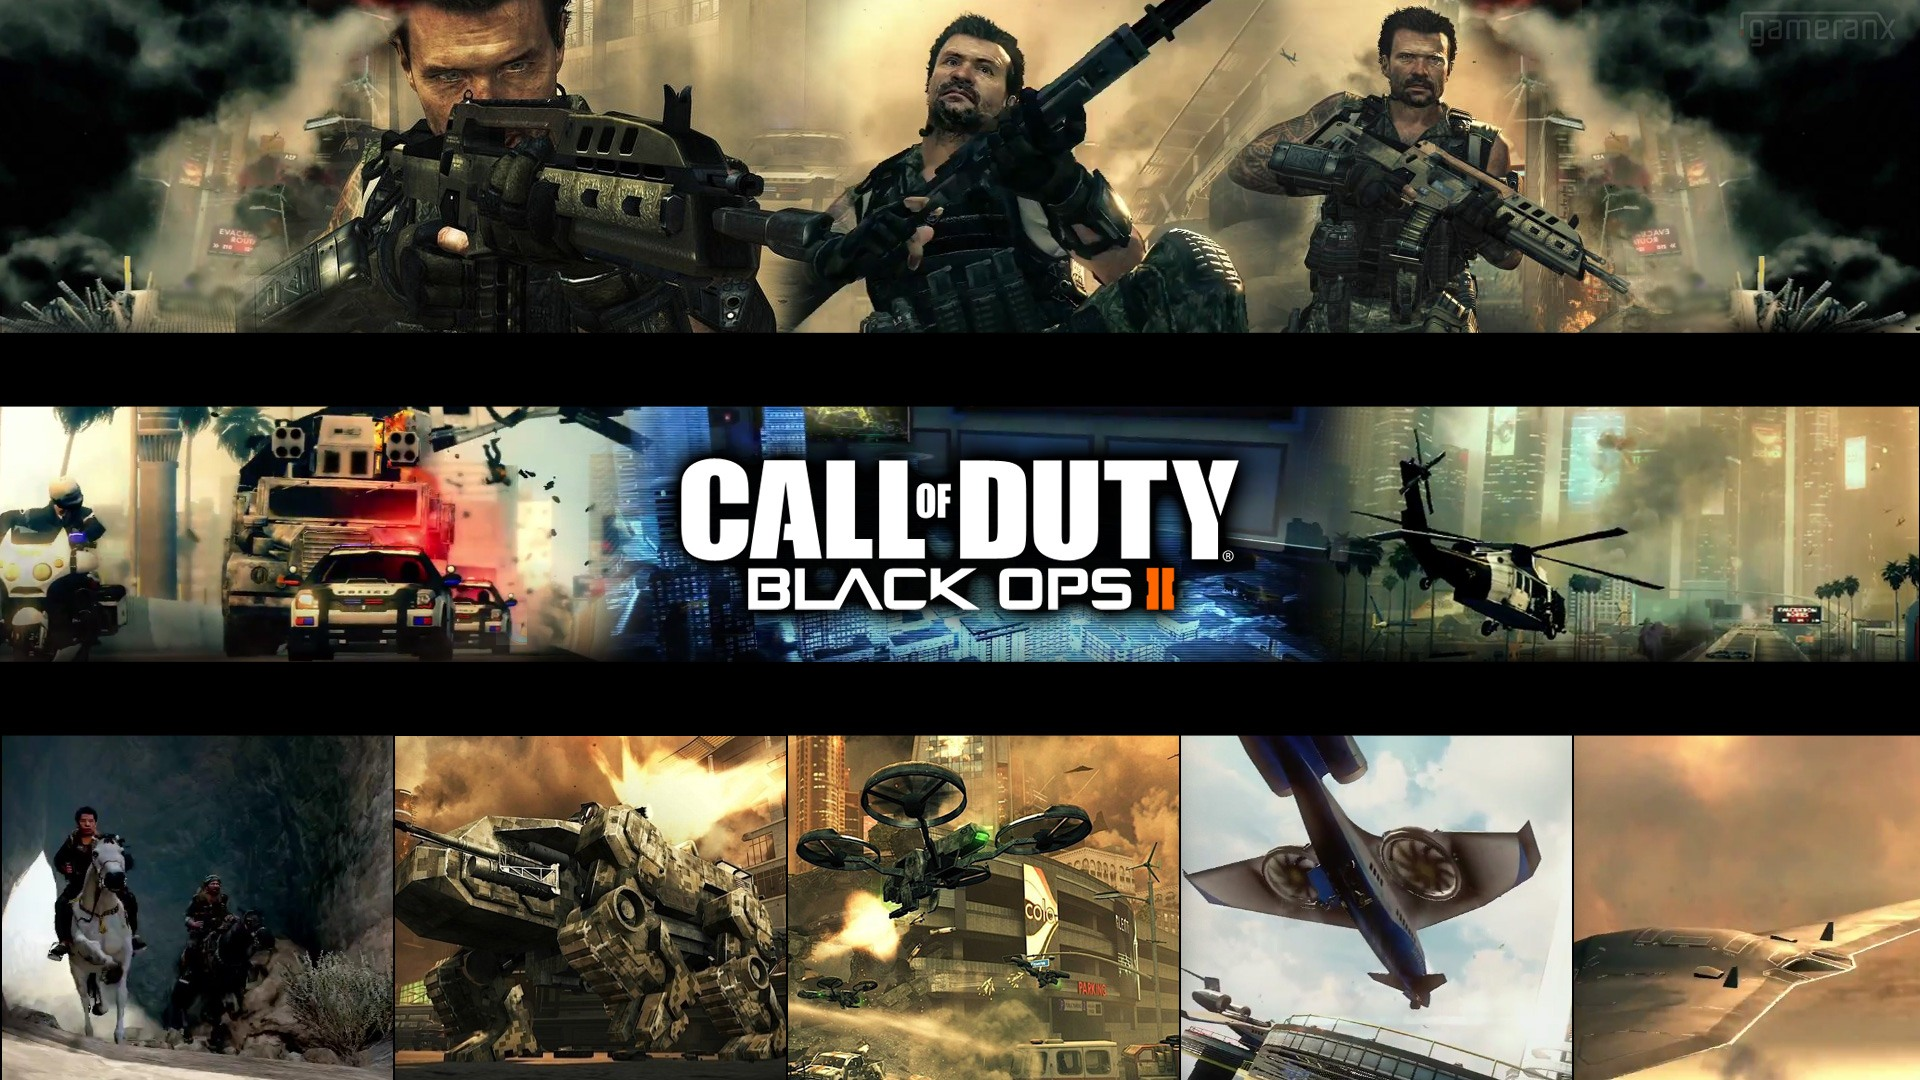 call of duty black ops ii computer wallpapers desktop